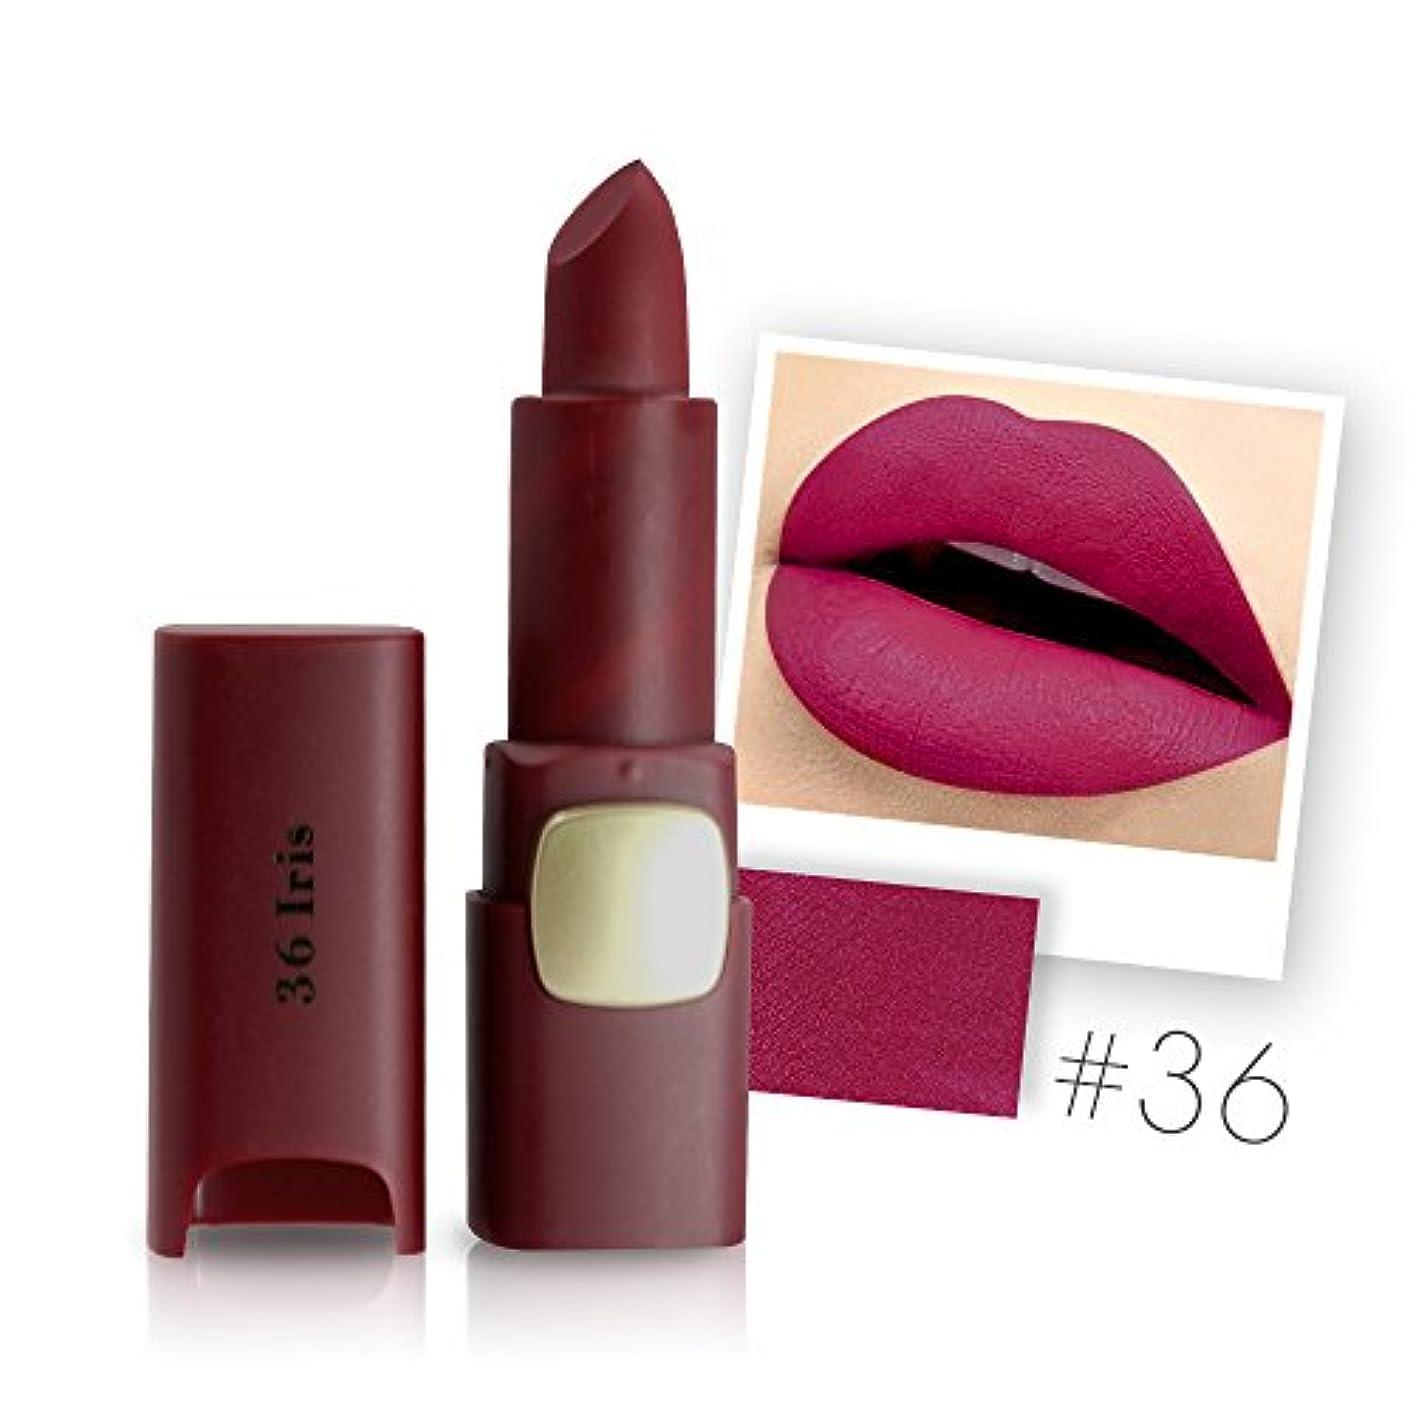 反応するオンコントローラMiss Rose Brand Matte Lipstick Waterproof Lips Moisturizing Easy To Wear Makeup Lip Sticks Gloss Lipsticks Cosmetic